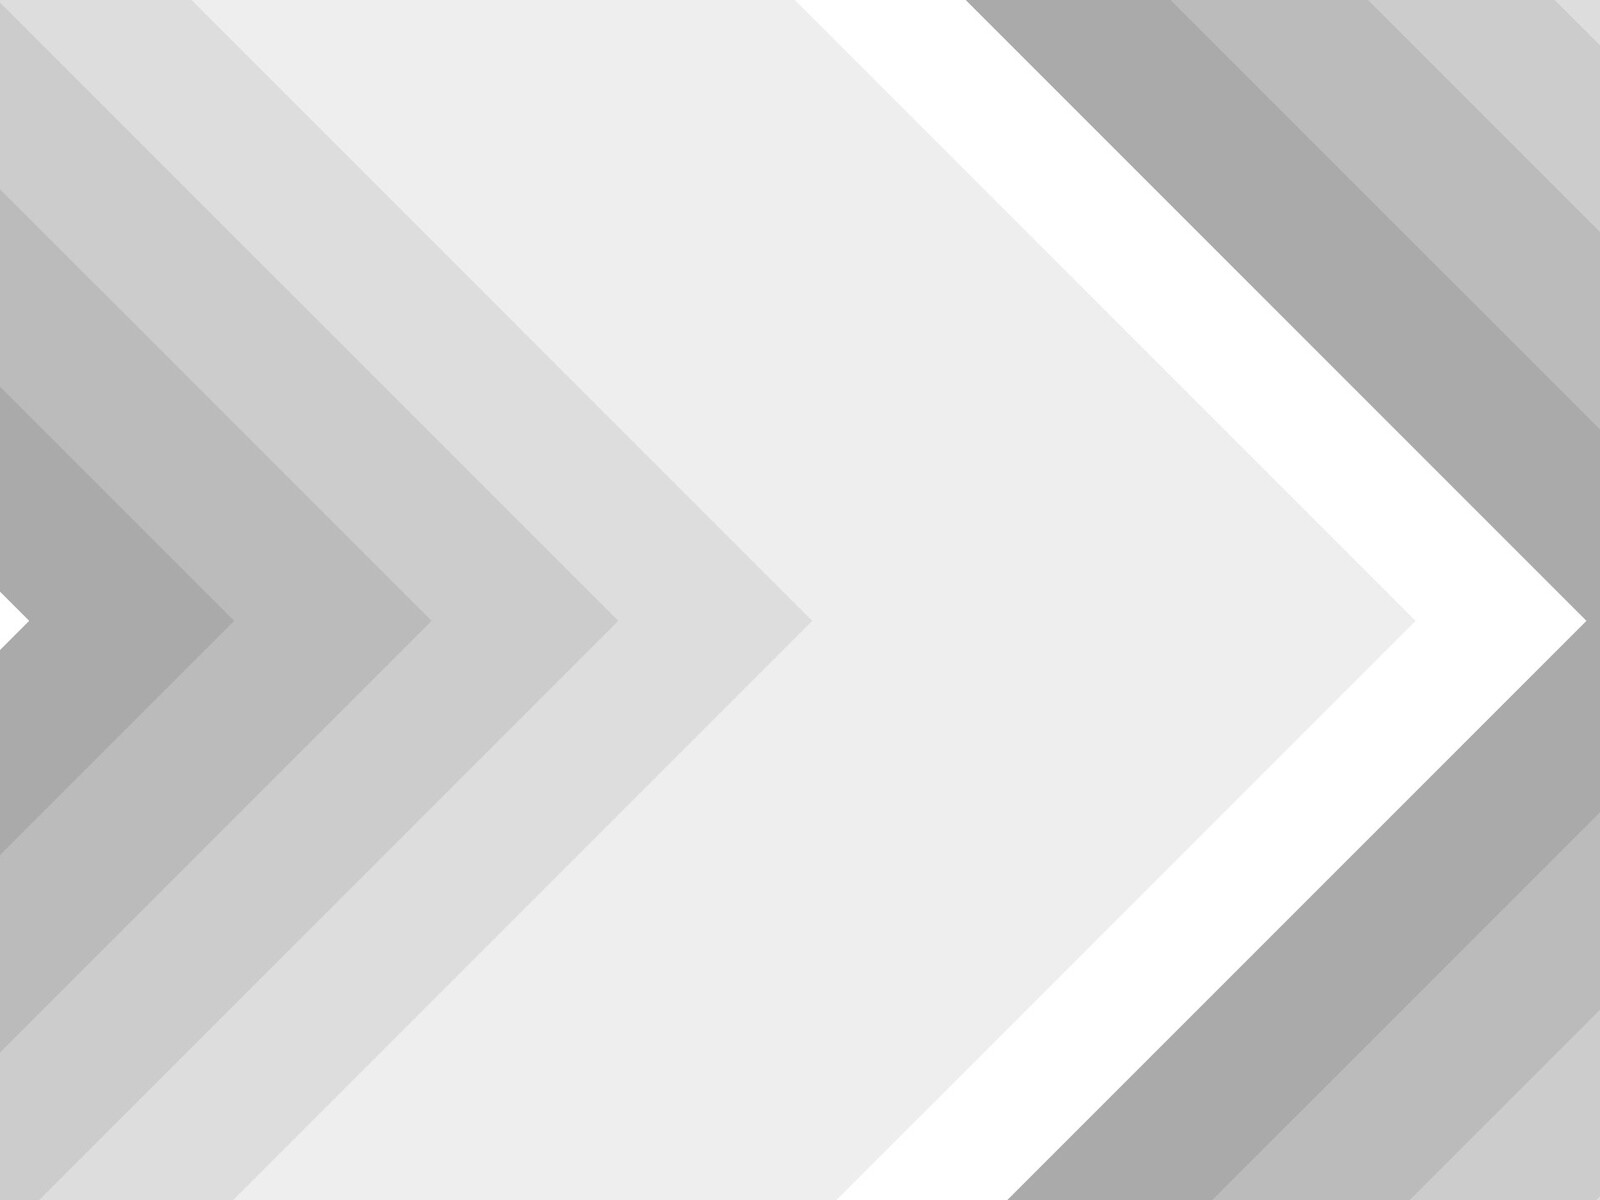 simple-arrow-path.jpg